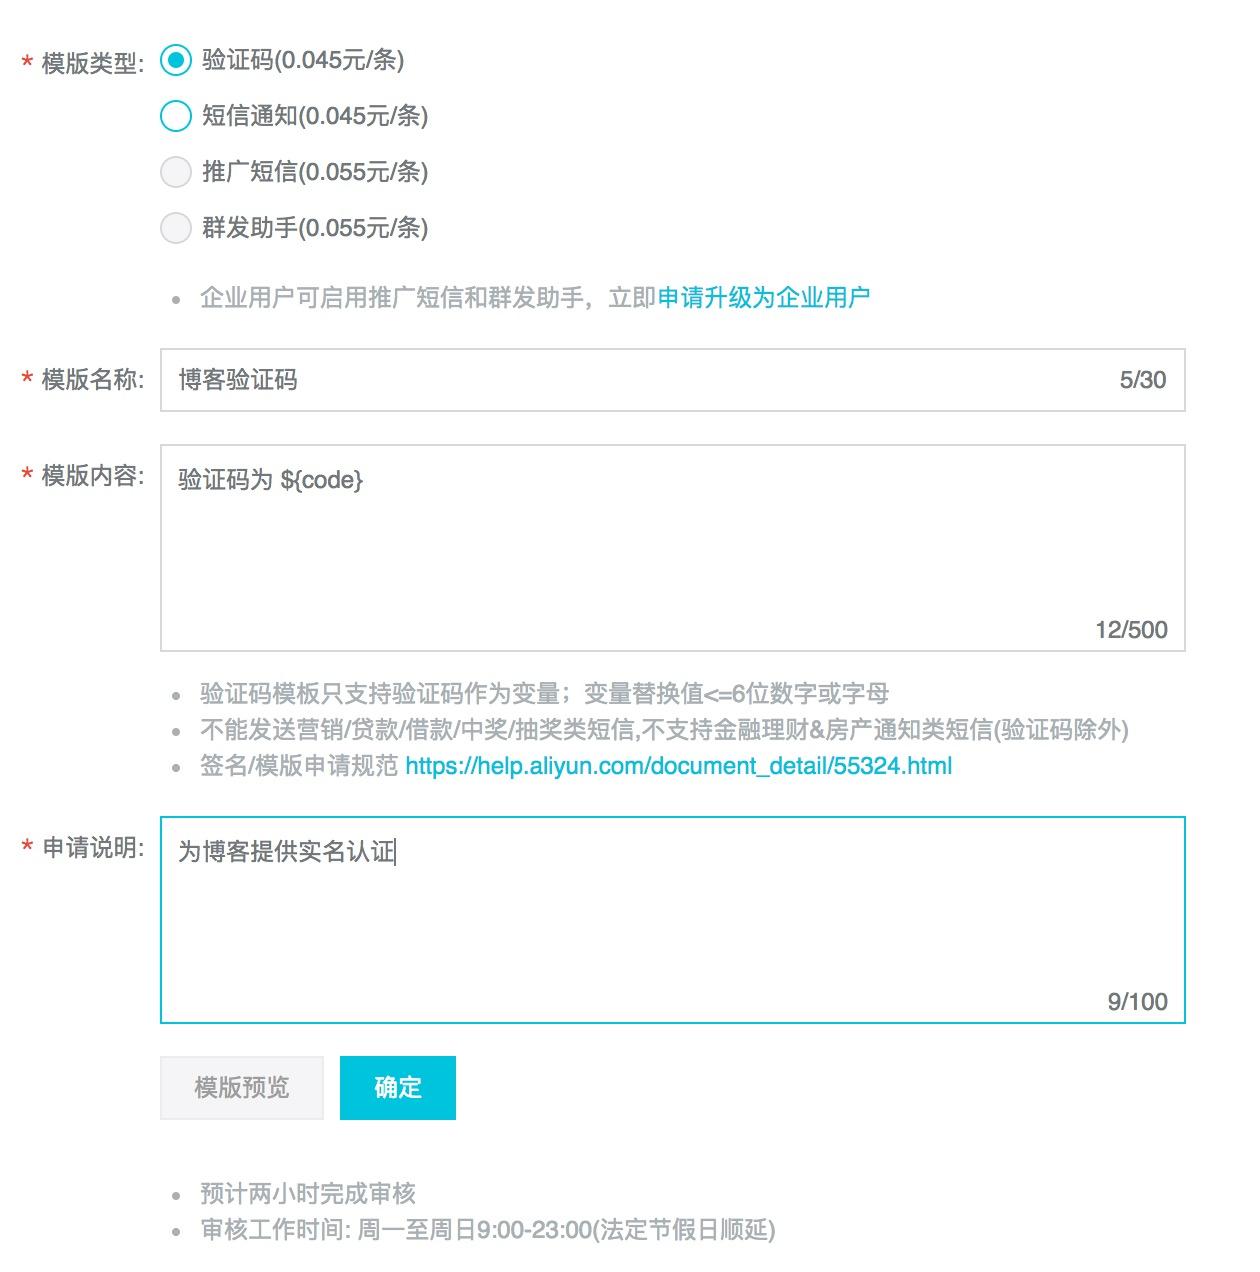 使用阿里云短信服务曲线实现 WP 评论实名-米饭粑